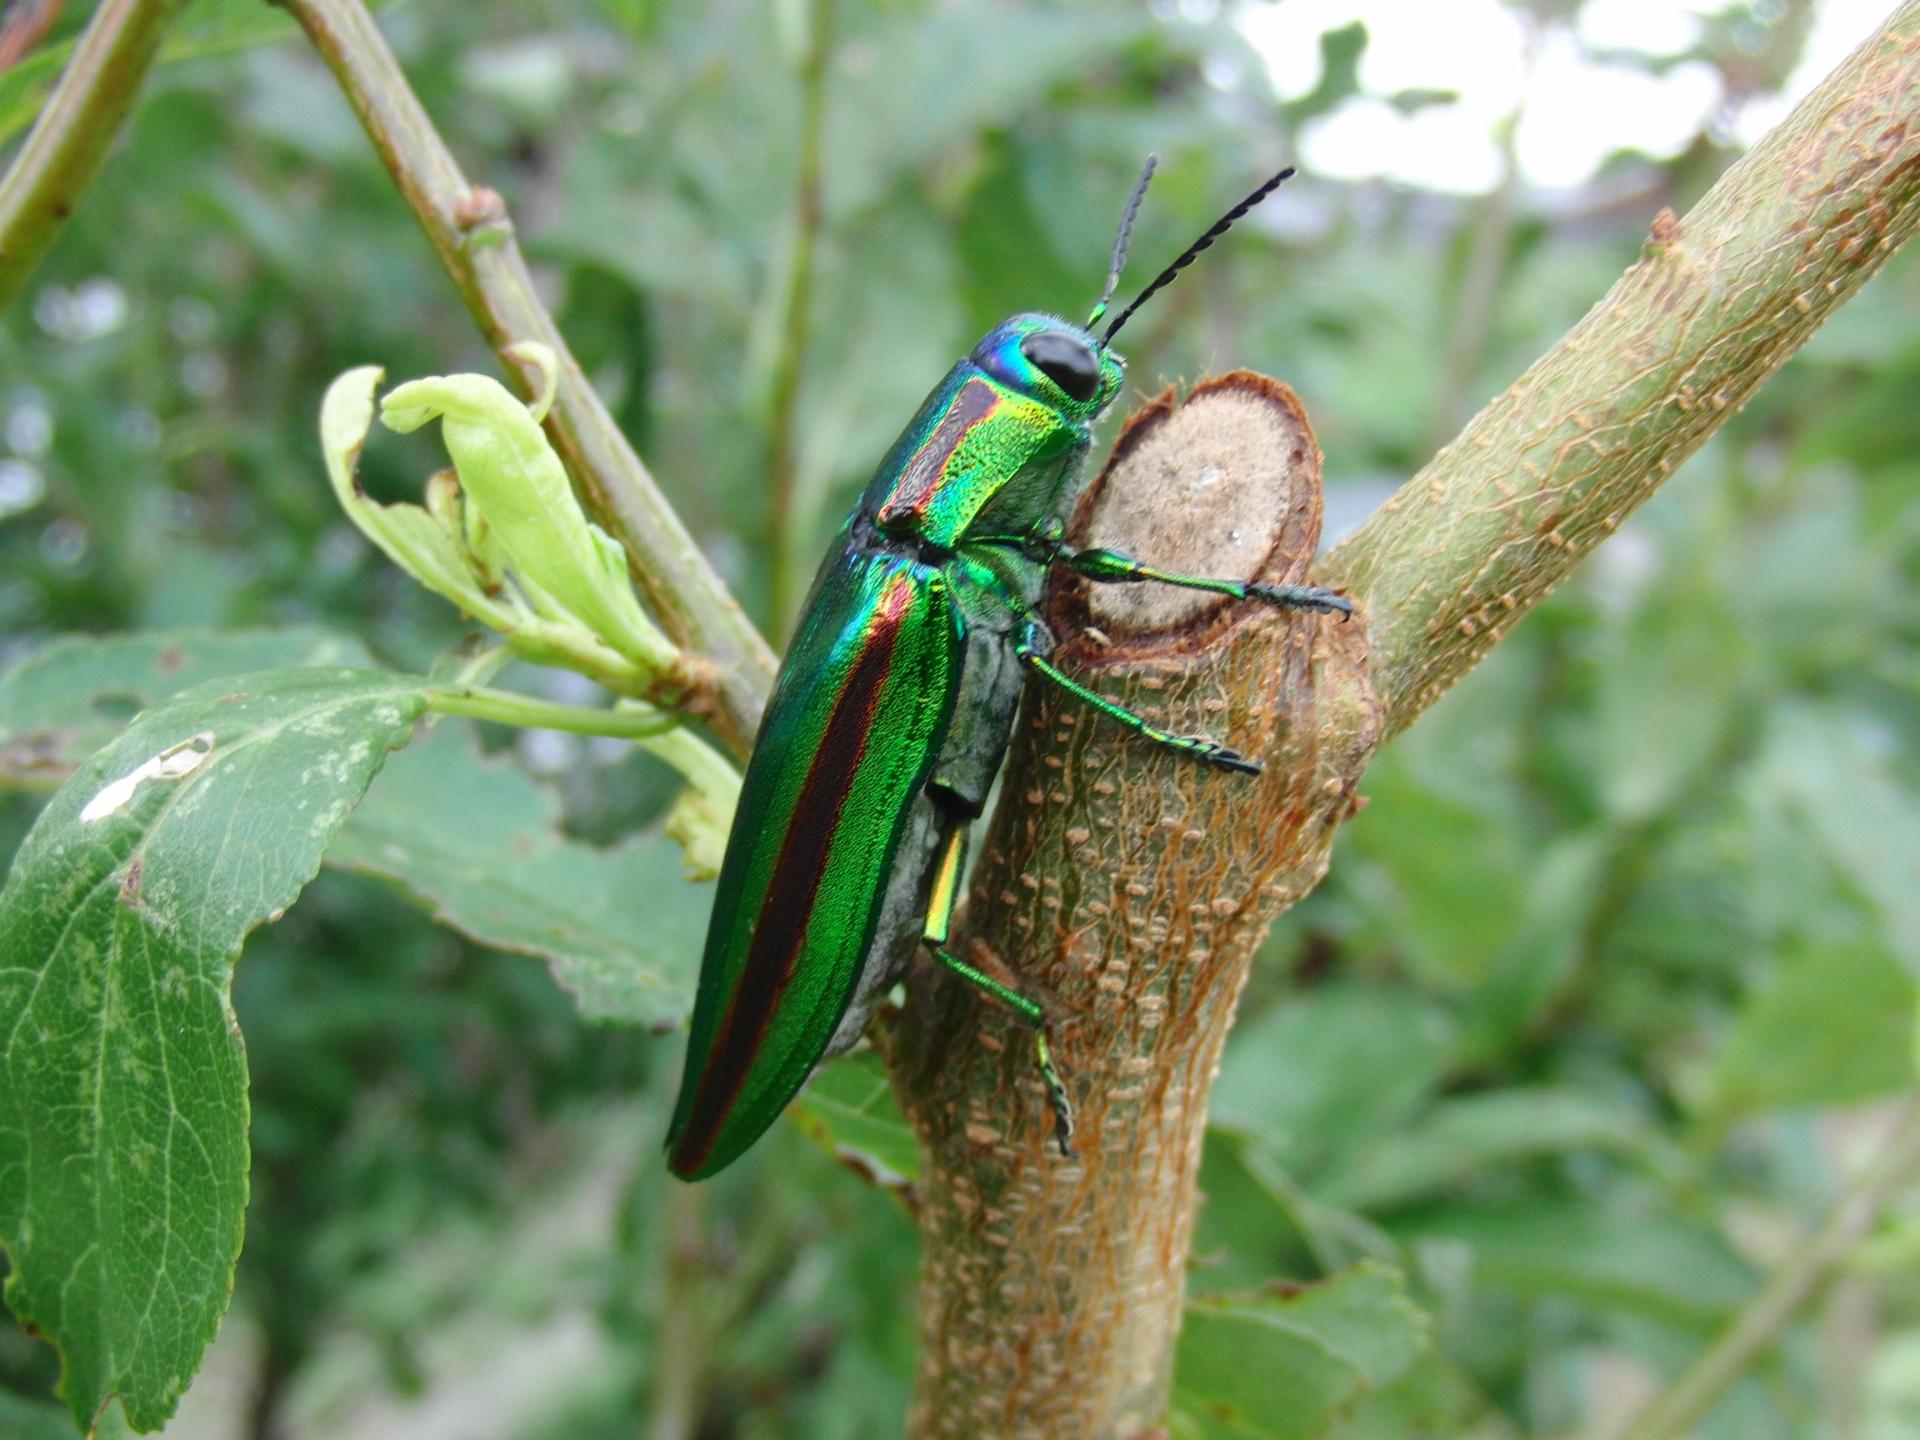 タマムシ(玉虫)の特徴や生息地をご紹介!珍しい虫?人や作物に害はない?